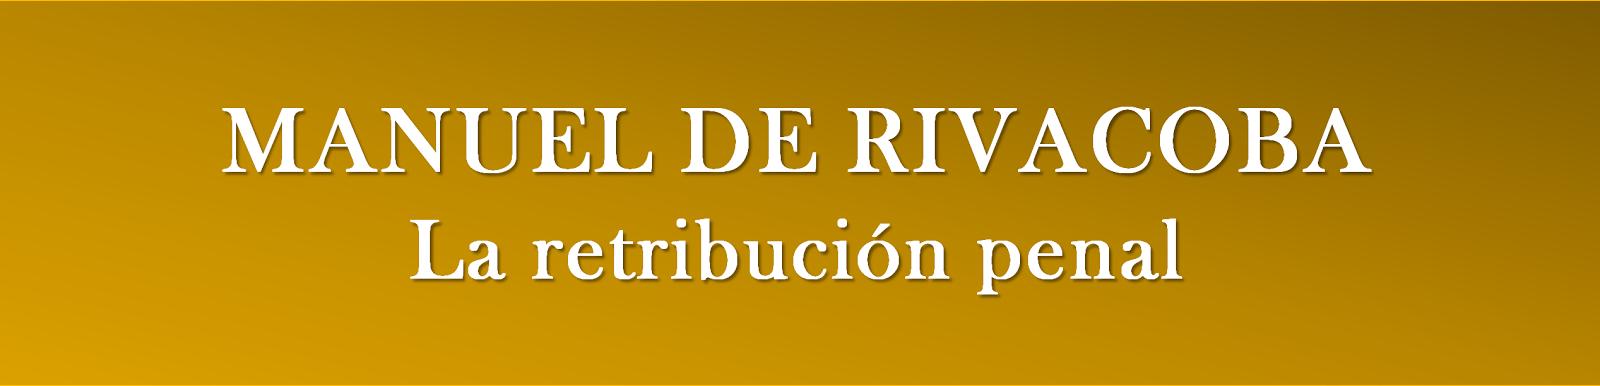 RIVACOBA: La retribución penal